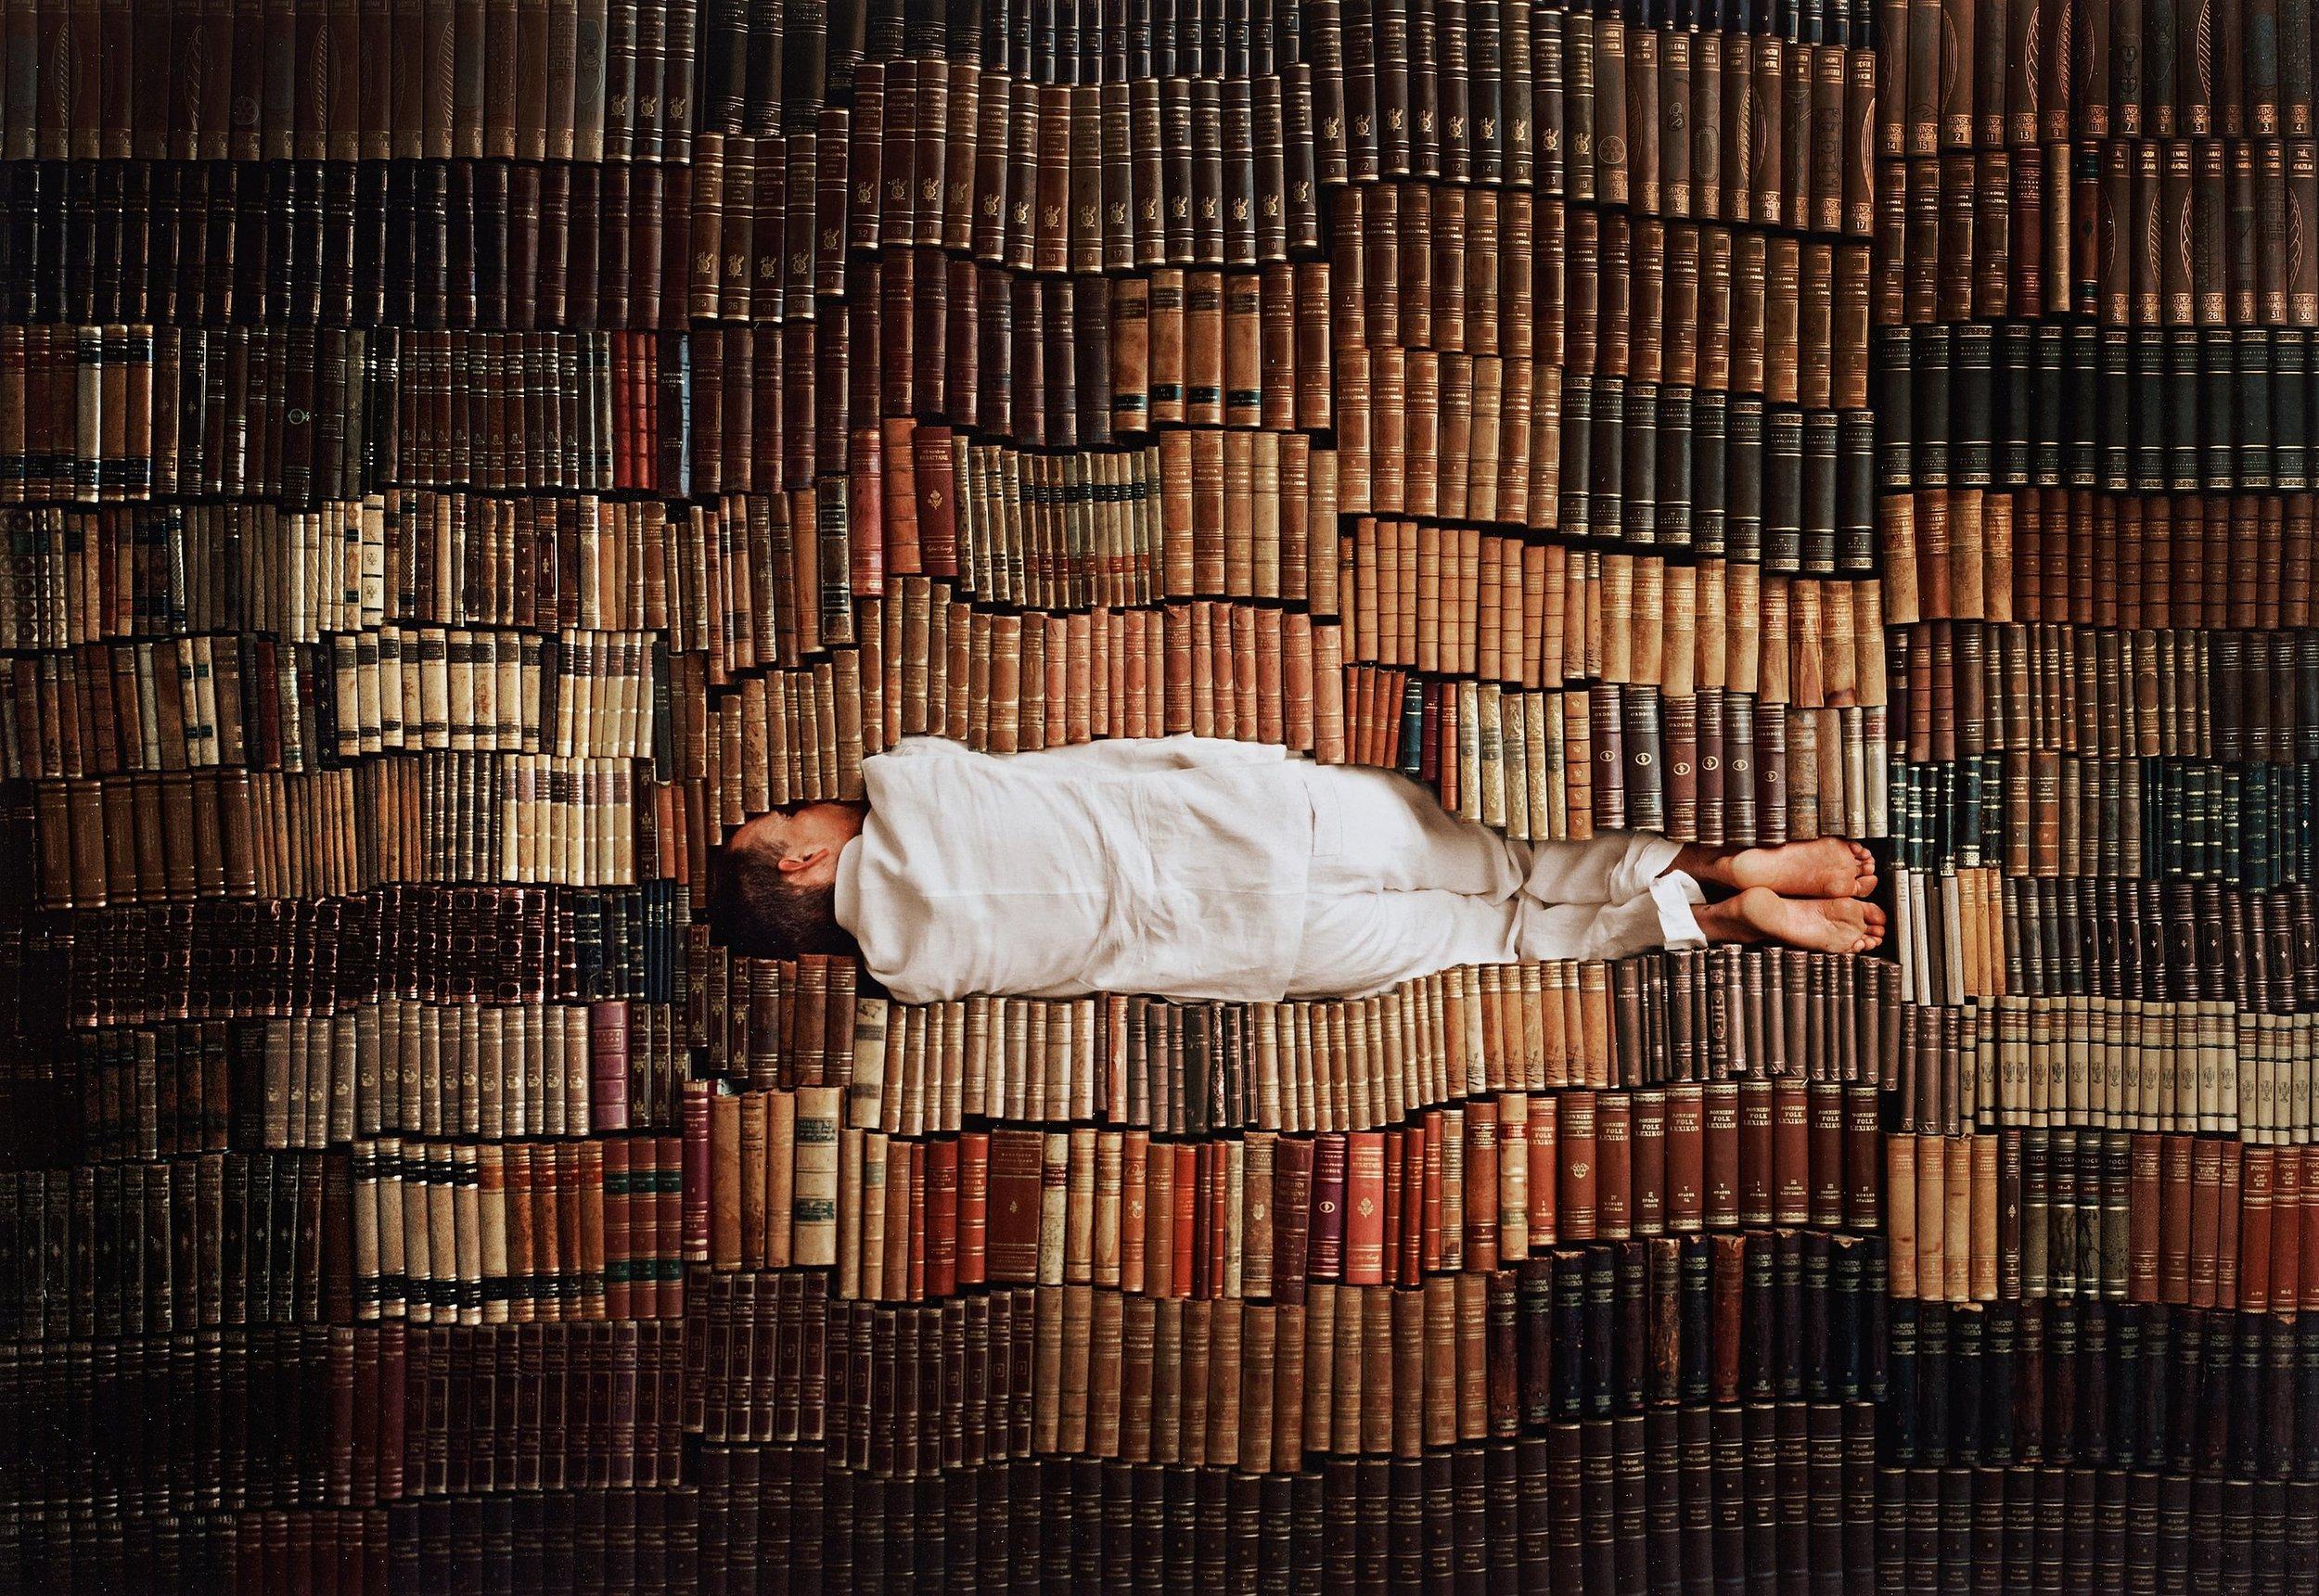 Maria Fribergs, Still Lives #3, 2004